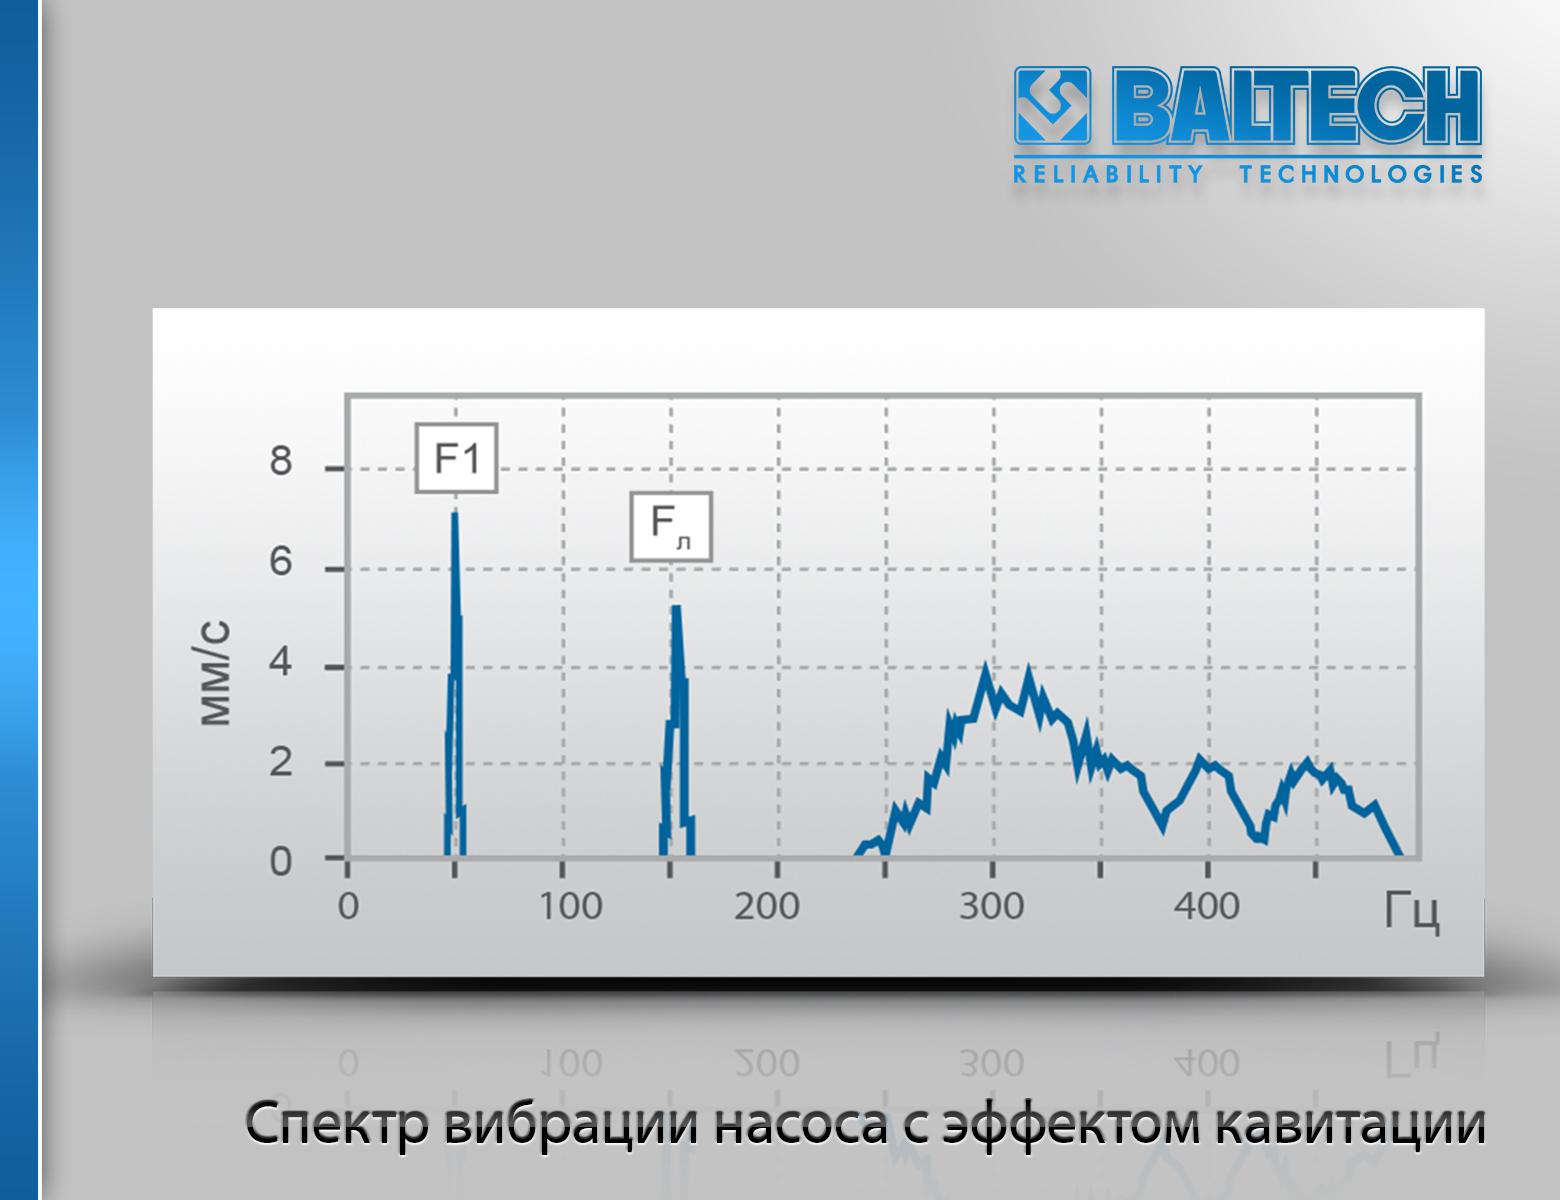 Спектр вибрации насоса с эффектом кавитации, диагностика насосов